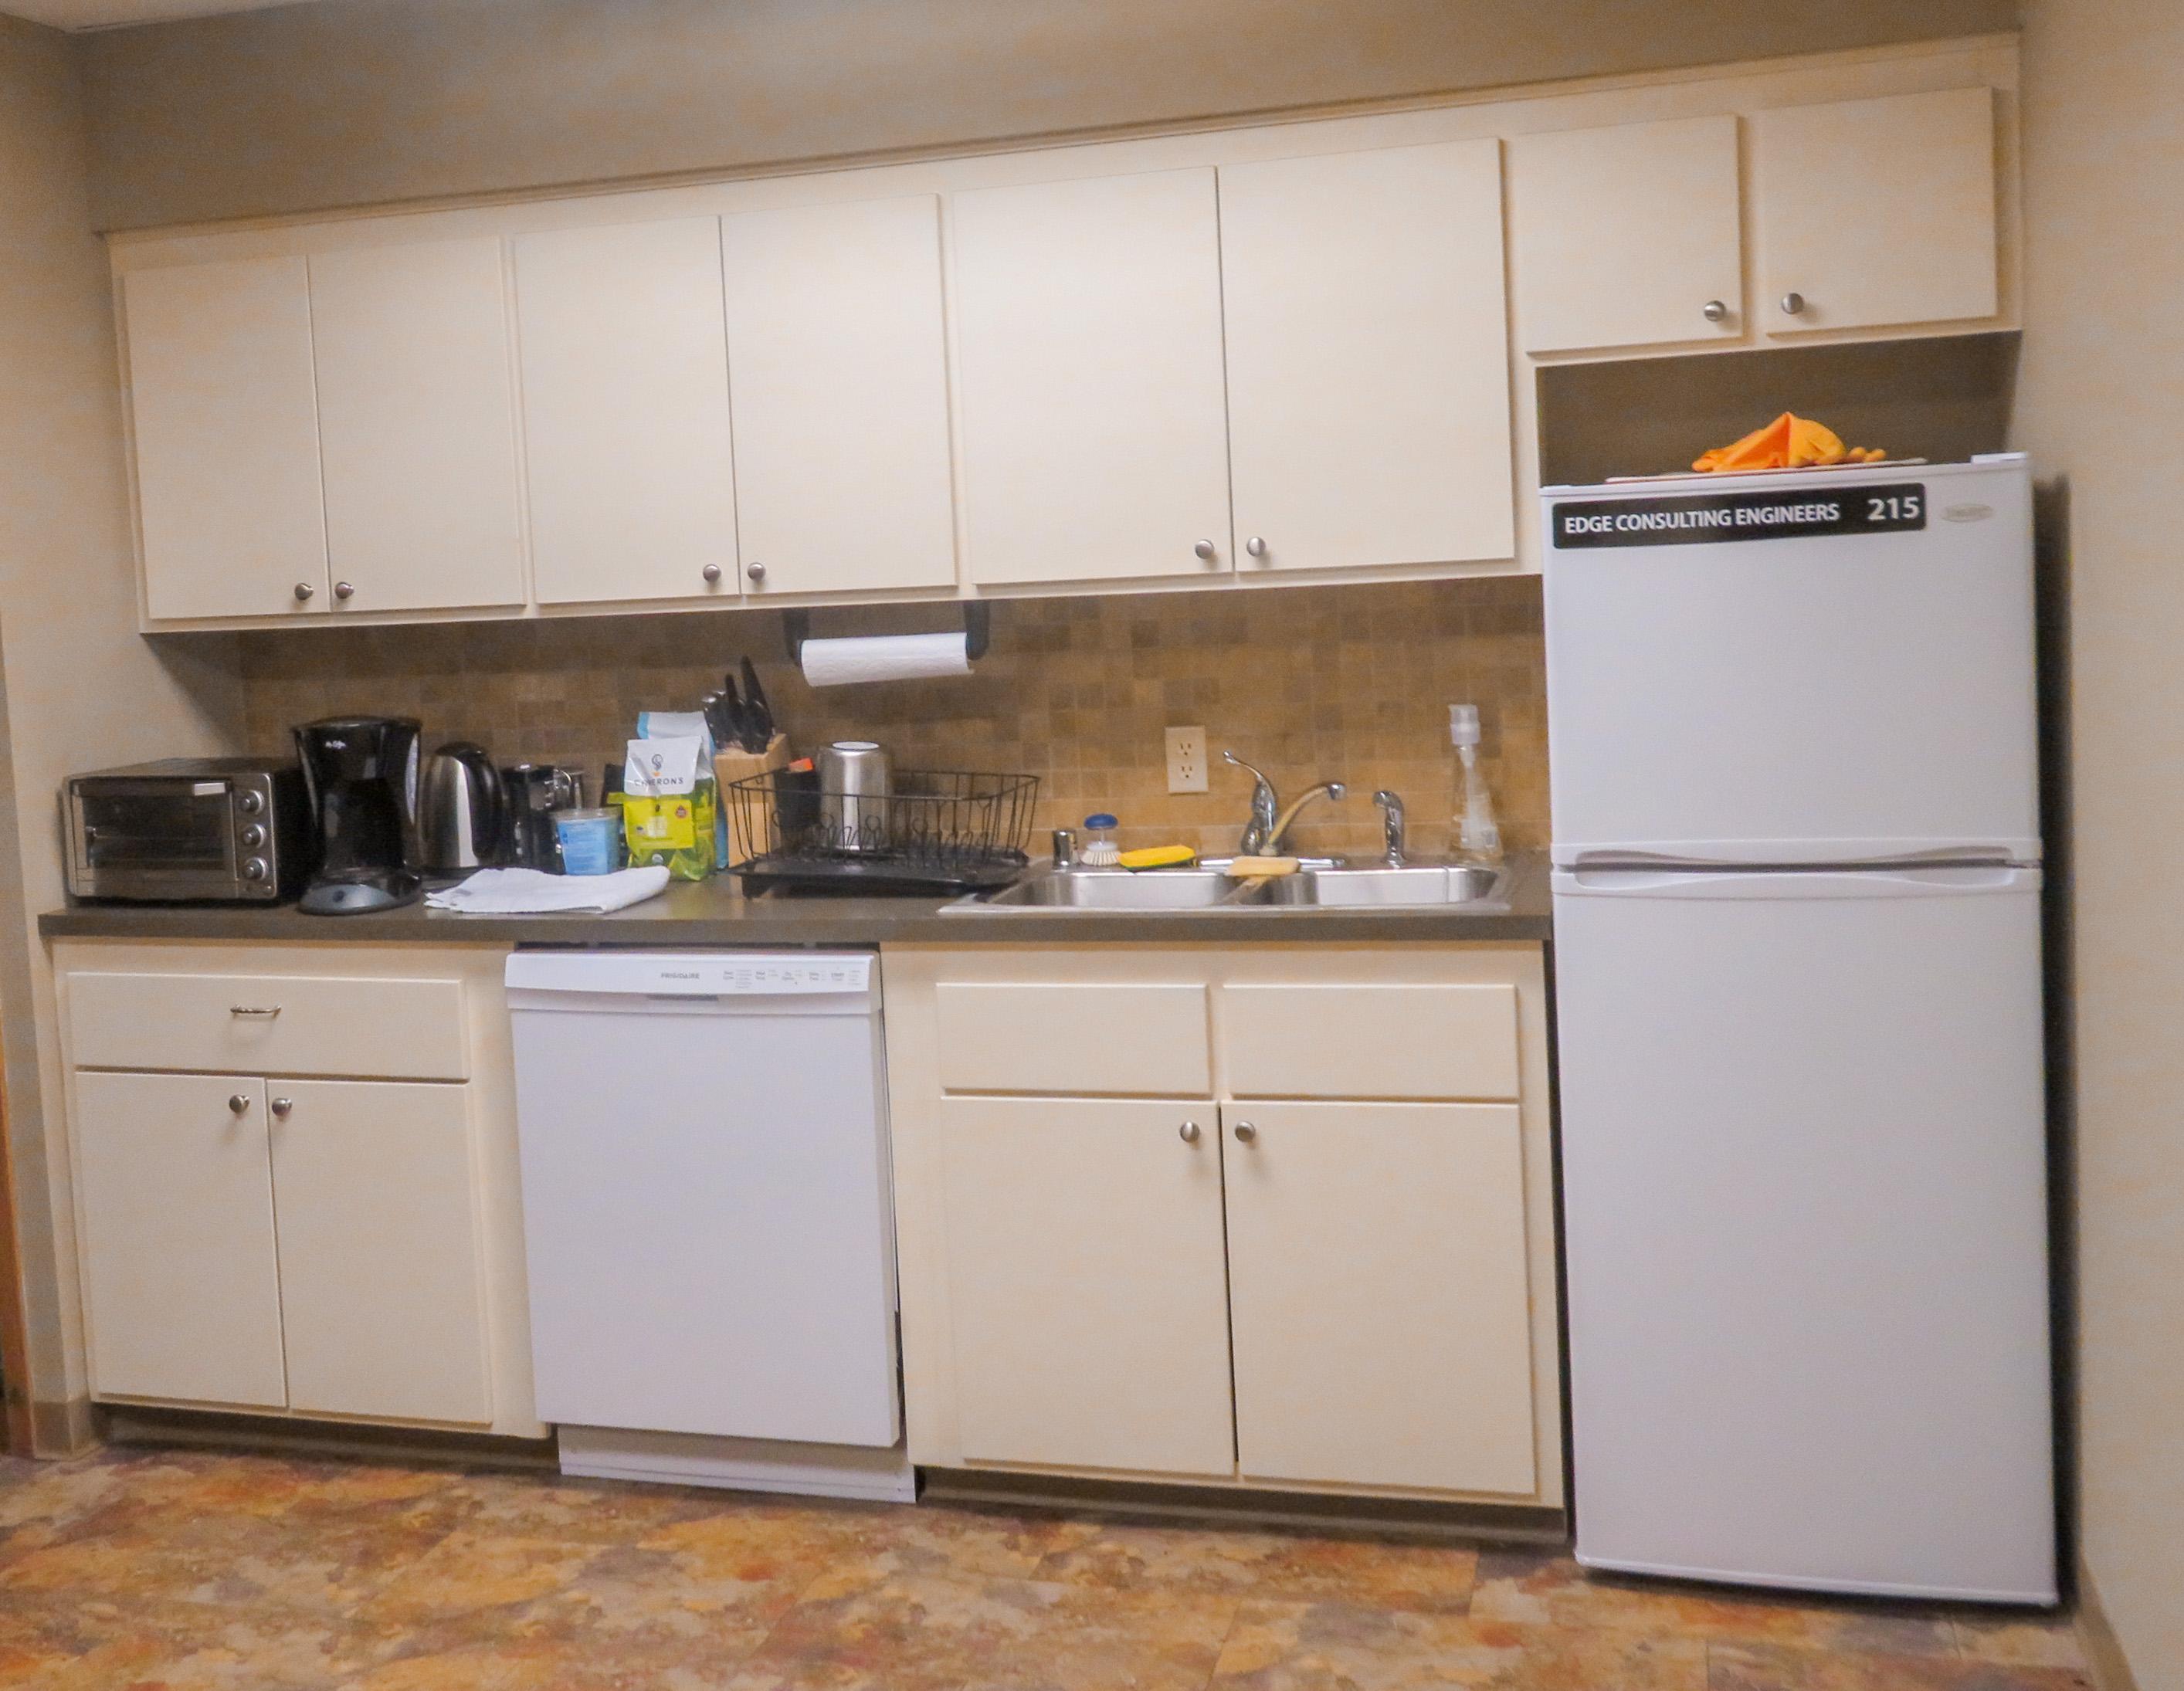 Employee kitchen area.